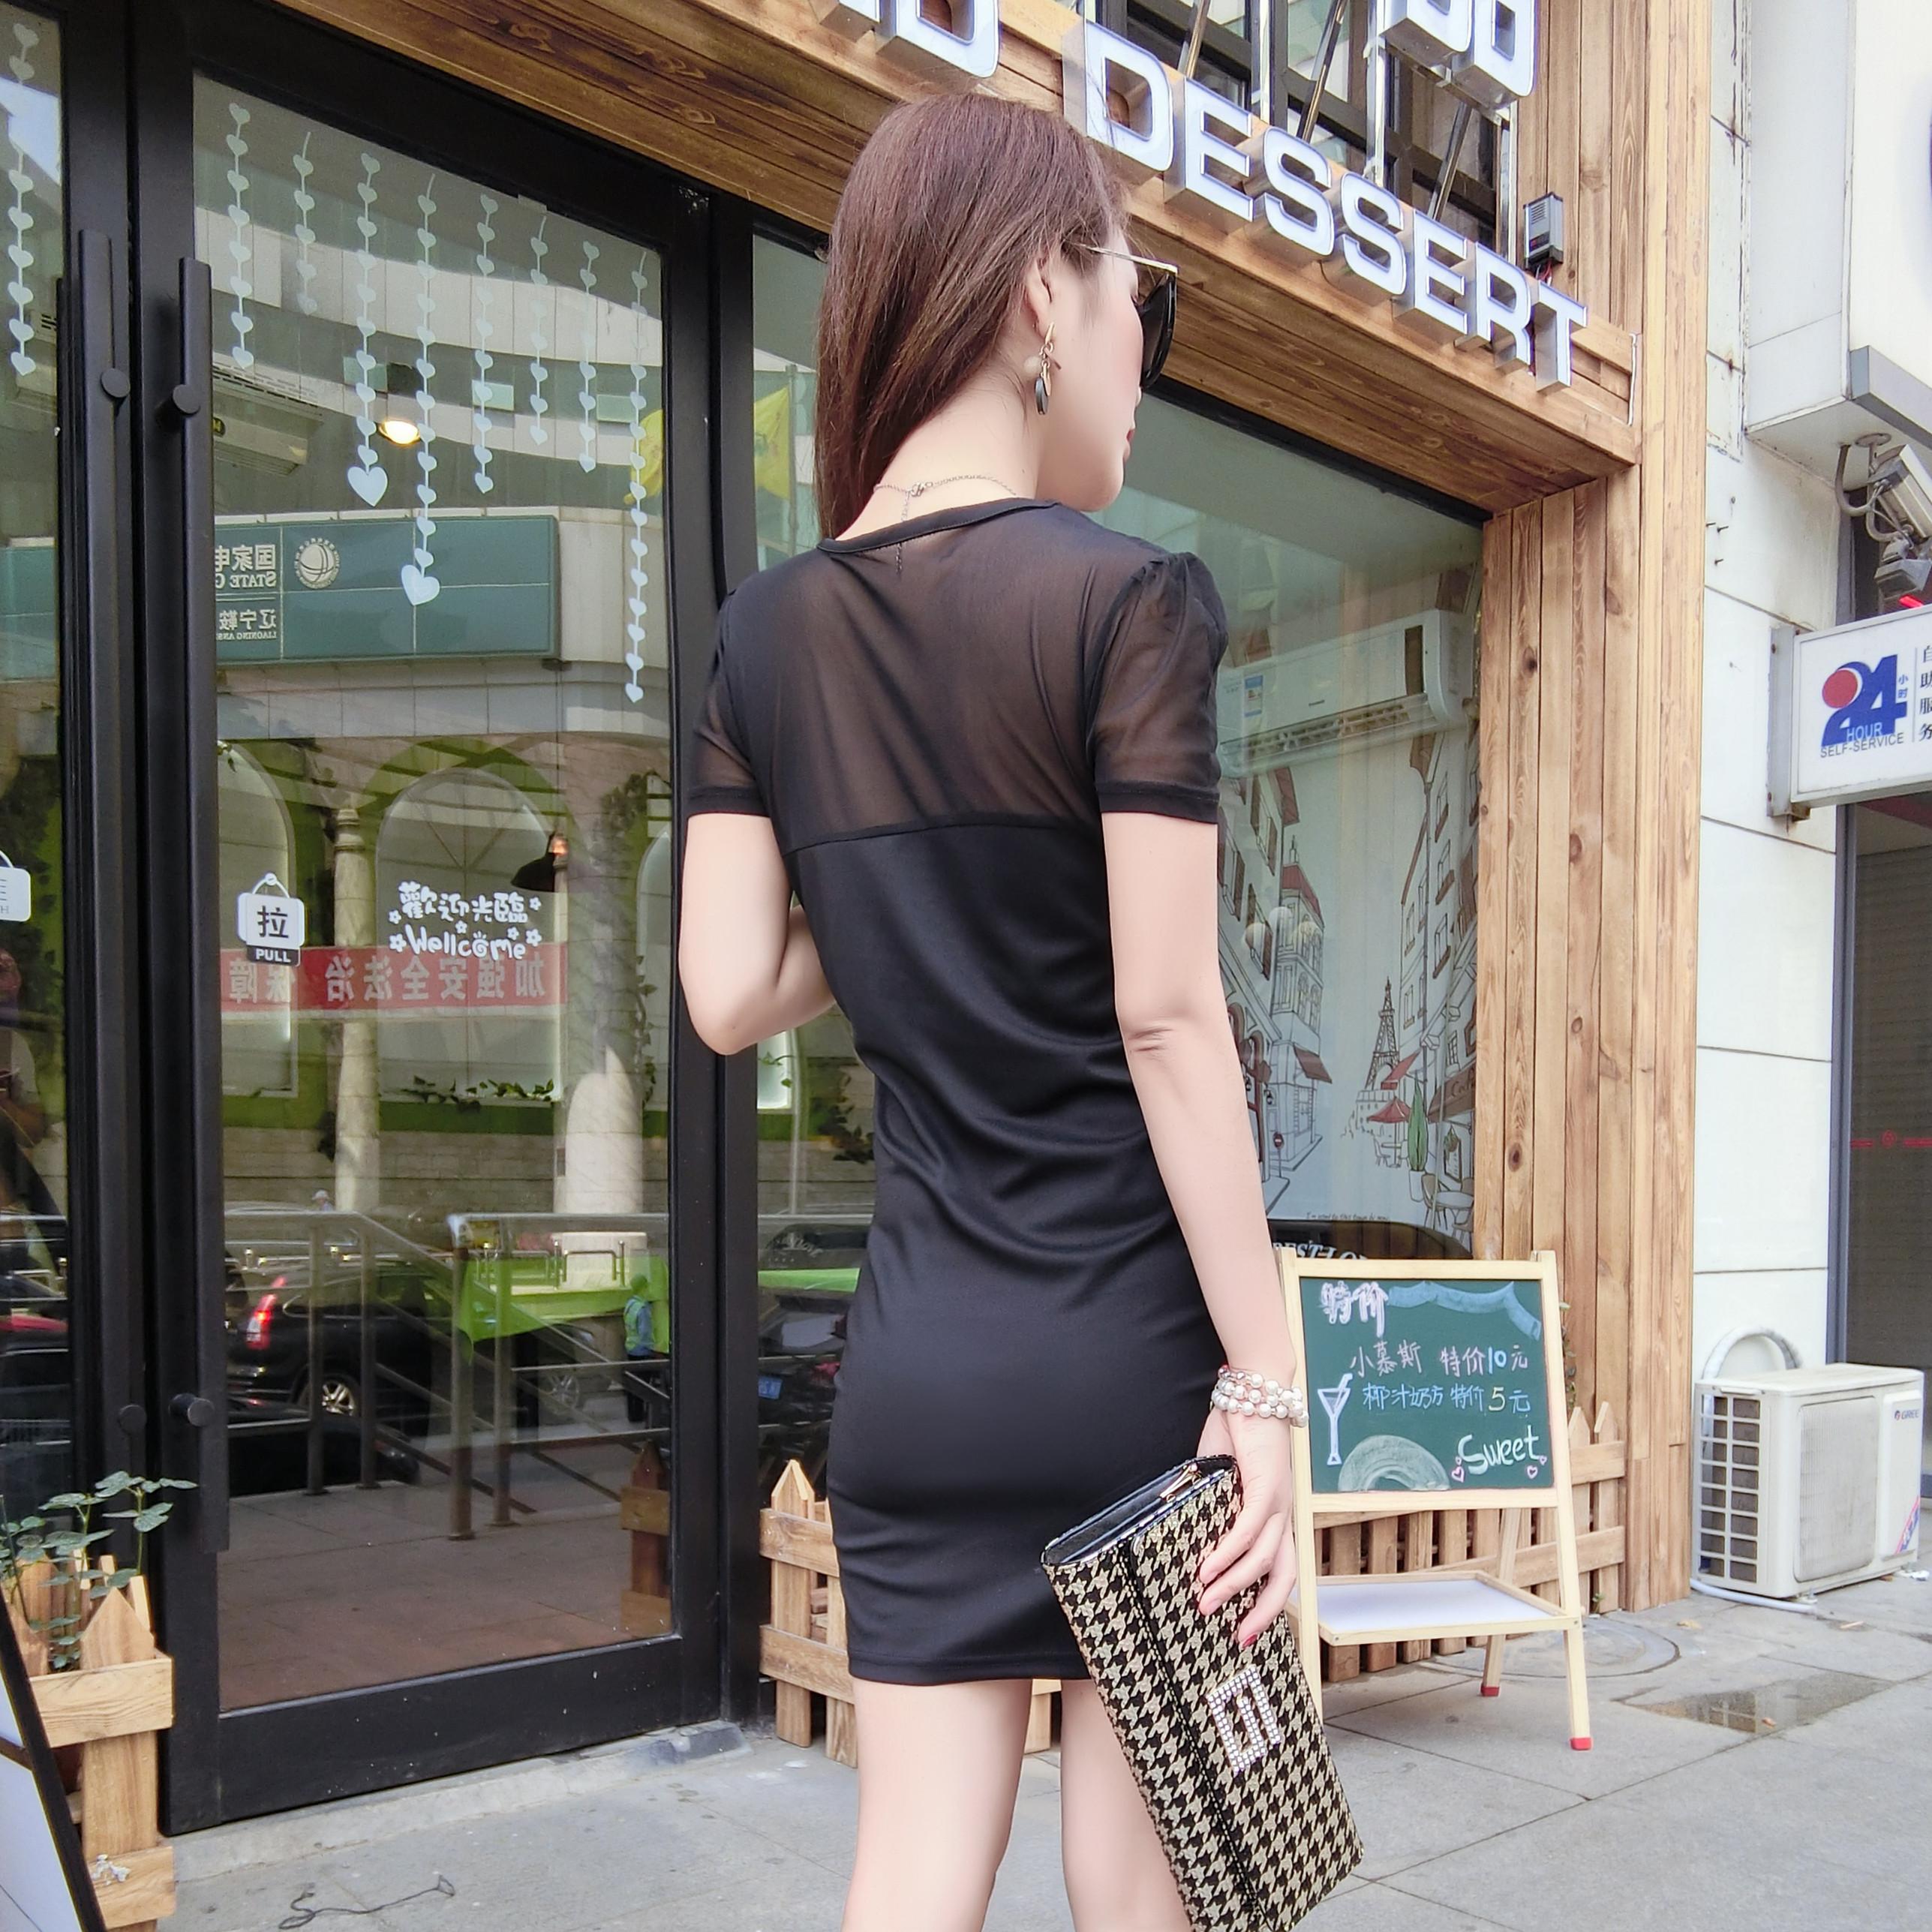 秋季新款网纱拼接娃娃领显瘦修身名媛淑女短袖大码连衣裙包邮 2016